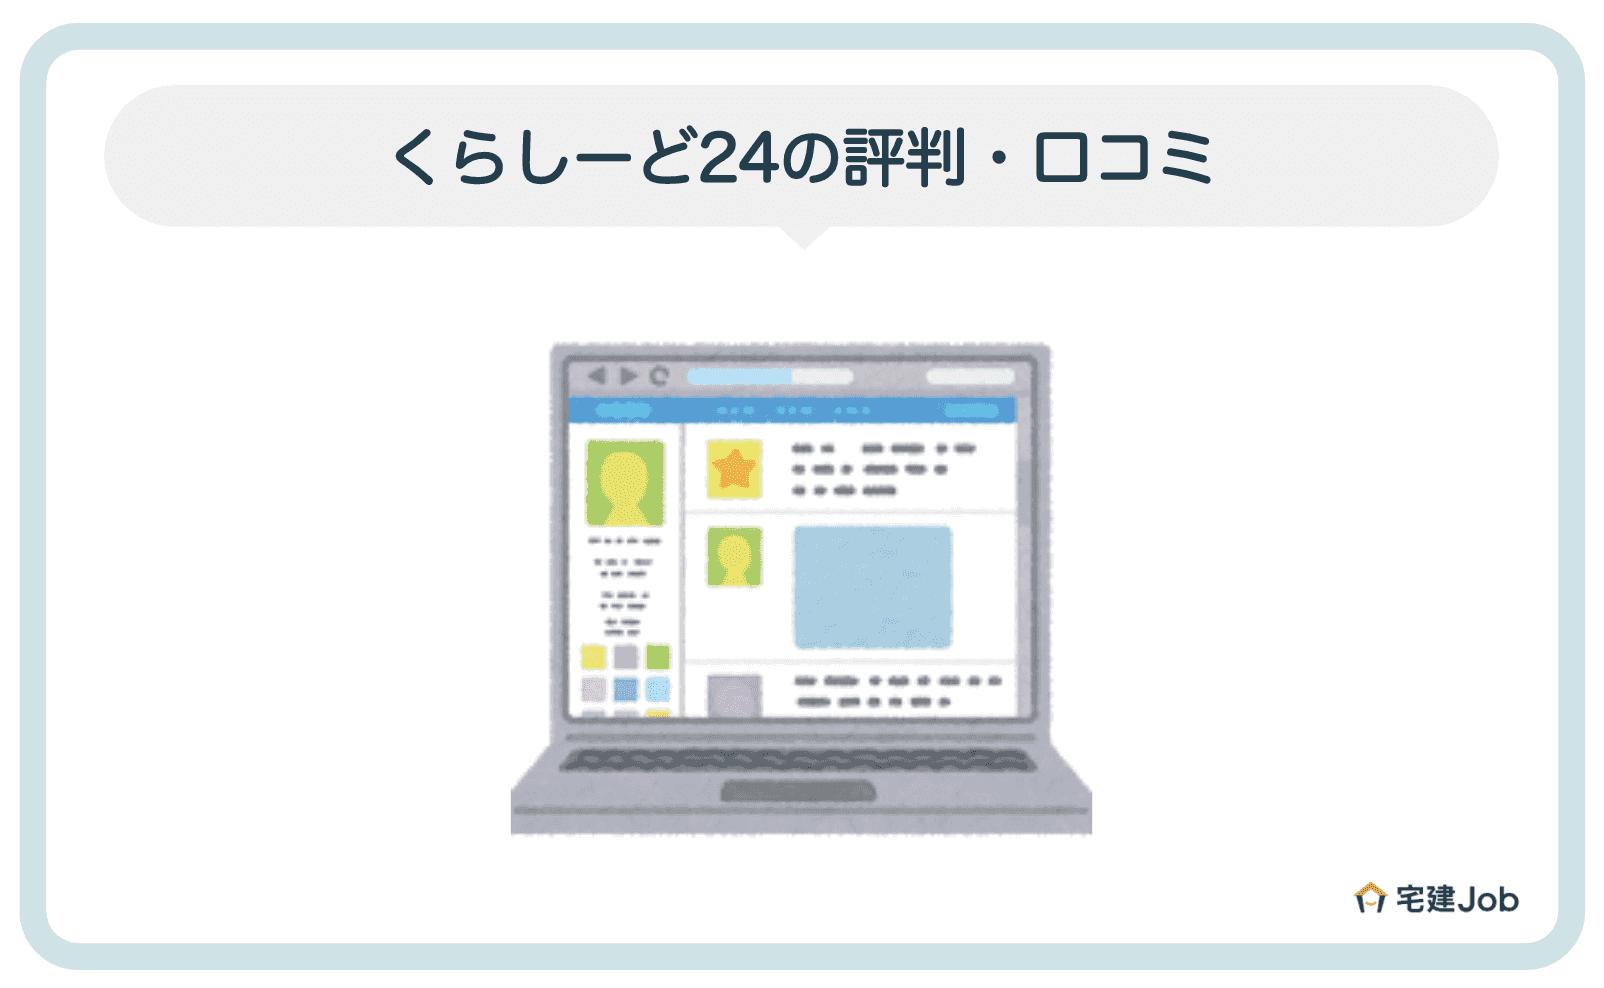 3.くらしーど24の評判・口コミ【メリット・デメリット】